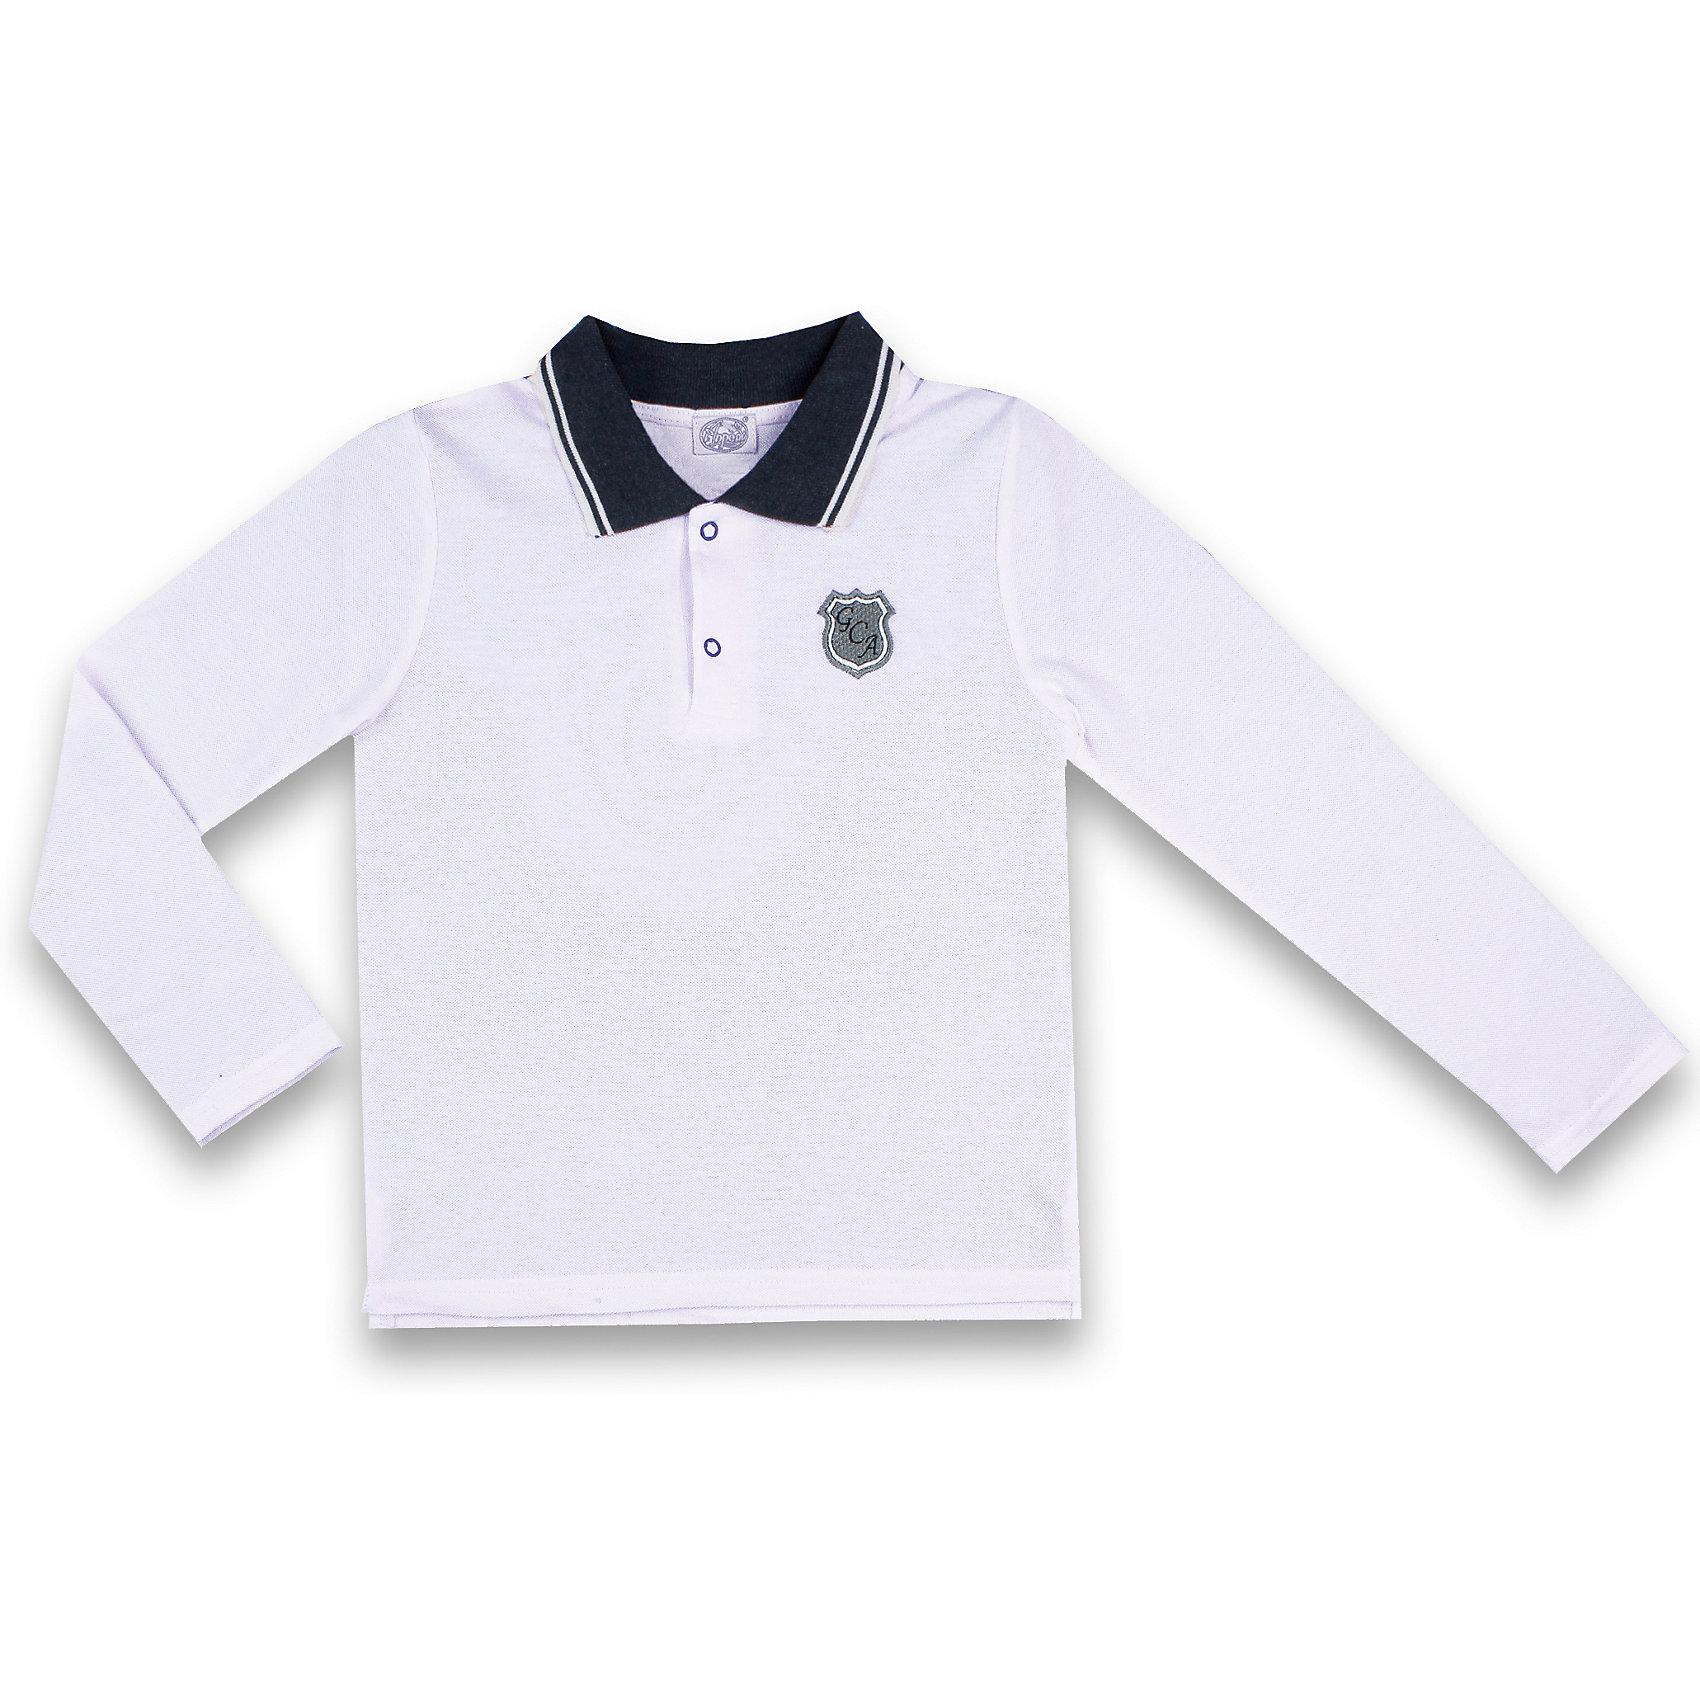 Рубашка-поло Апрель для мальчикаФутболки с длинным рукавом<br>Характеристики товара:<br><br>• цвет: белый;<br>• состав: 100% хлопок;<br>• сезон: демисезон;<br>• застежка: пуговицы на воротнике;<br>• аппликация на груди;<br>• с длинным рукавом;<br>• особенности: школьная;<br>• страна бренда: Россия;<br>• страна производства: Россия.<br><br>Школьная рубашка-поло для мальчика. Рубашка-поло белого цвета, застегивается на пуговицы. Воротничок контрастного синего цвета.<br><br>Рубашку-поло для мальчика Апрель можно купить в нашем интернет-магазине.<br><br>Ширина мм: 190<br>Глубина мм: 74<br>Высота мм: 229<br>Вес г: 236<br>Цвет: белый<br>Возраст от месяцев: 96<br>Возраст до месяцев: 108<br>Пол: Мужской<br>Возраст: Детский<br>Размер: 134,122,128<br>SKU: 6981042